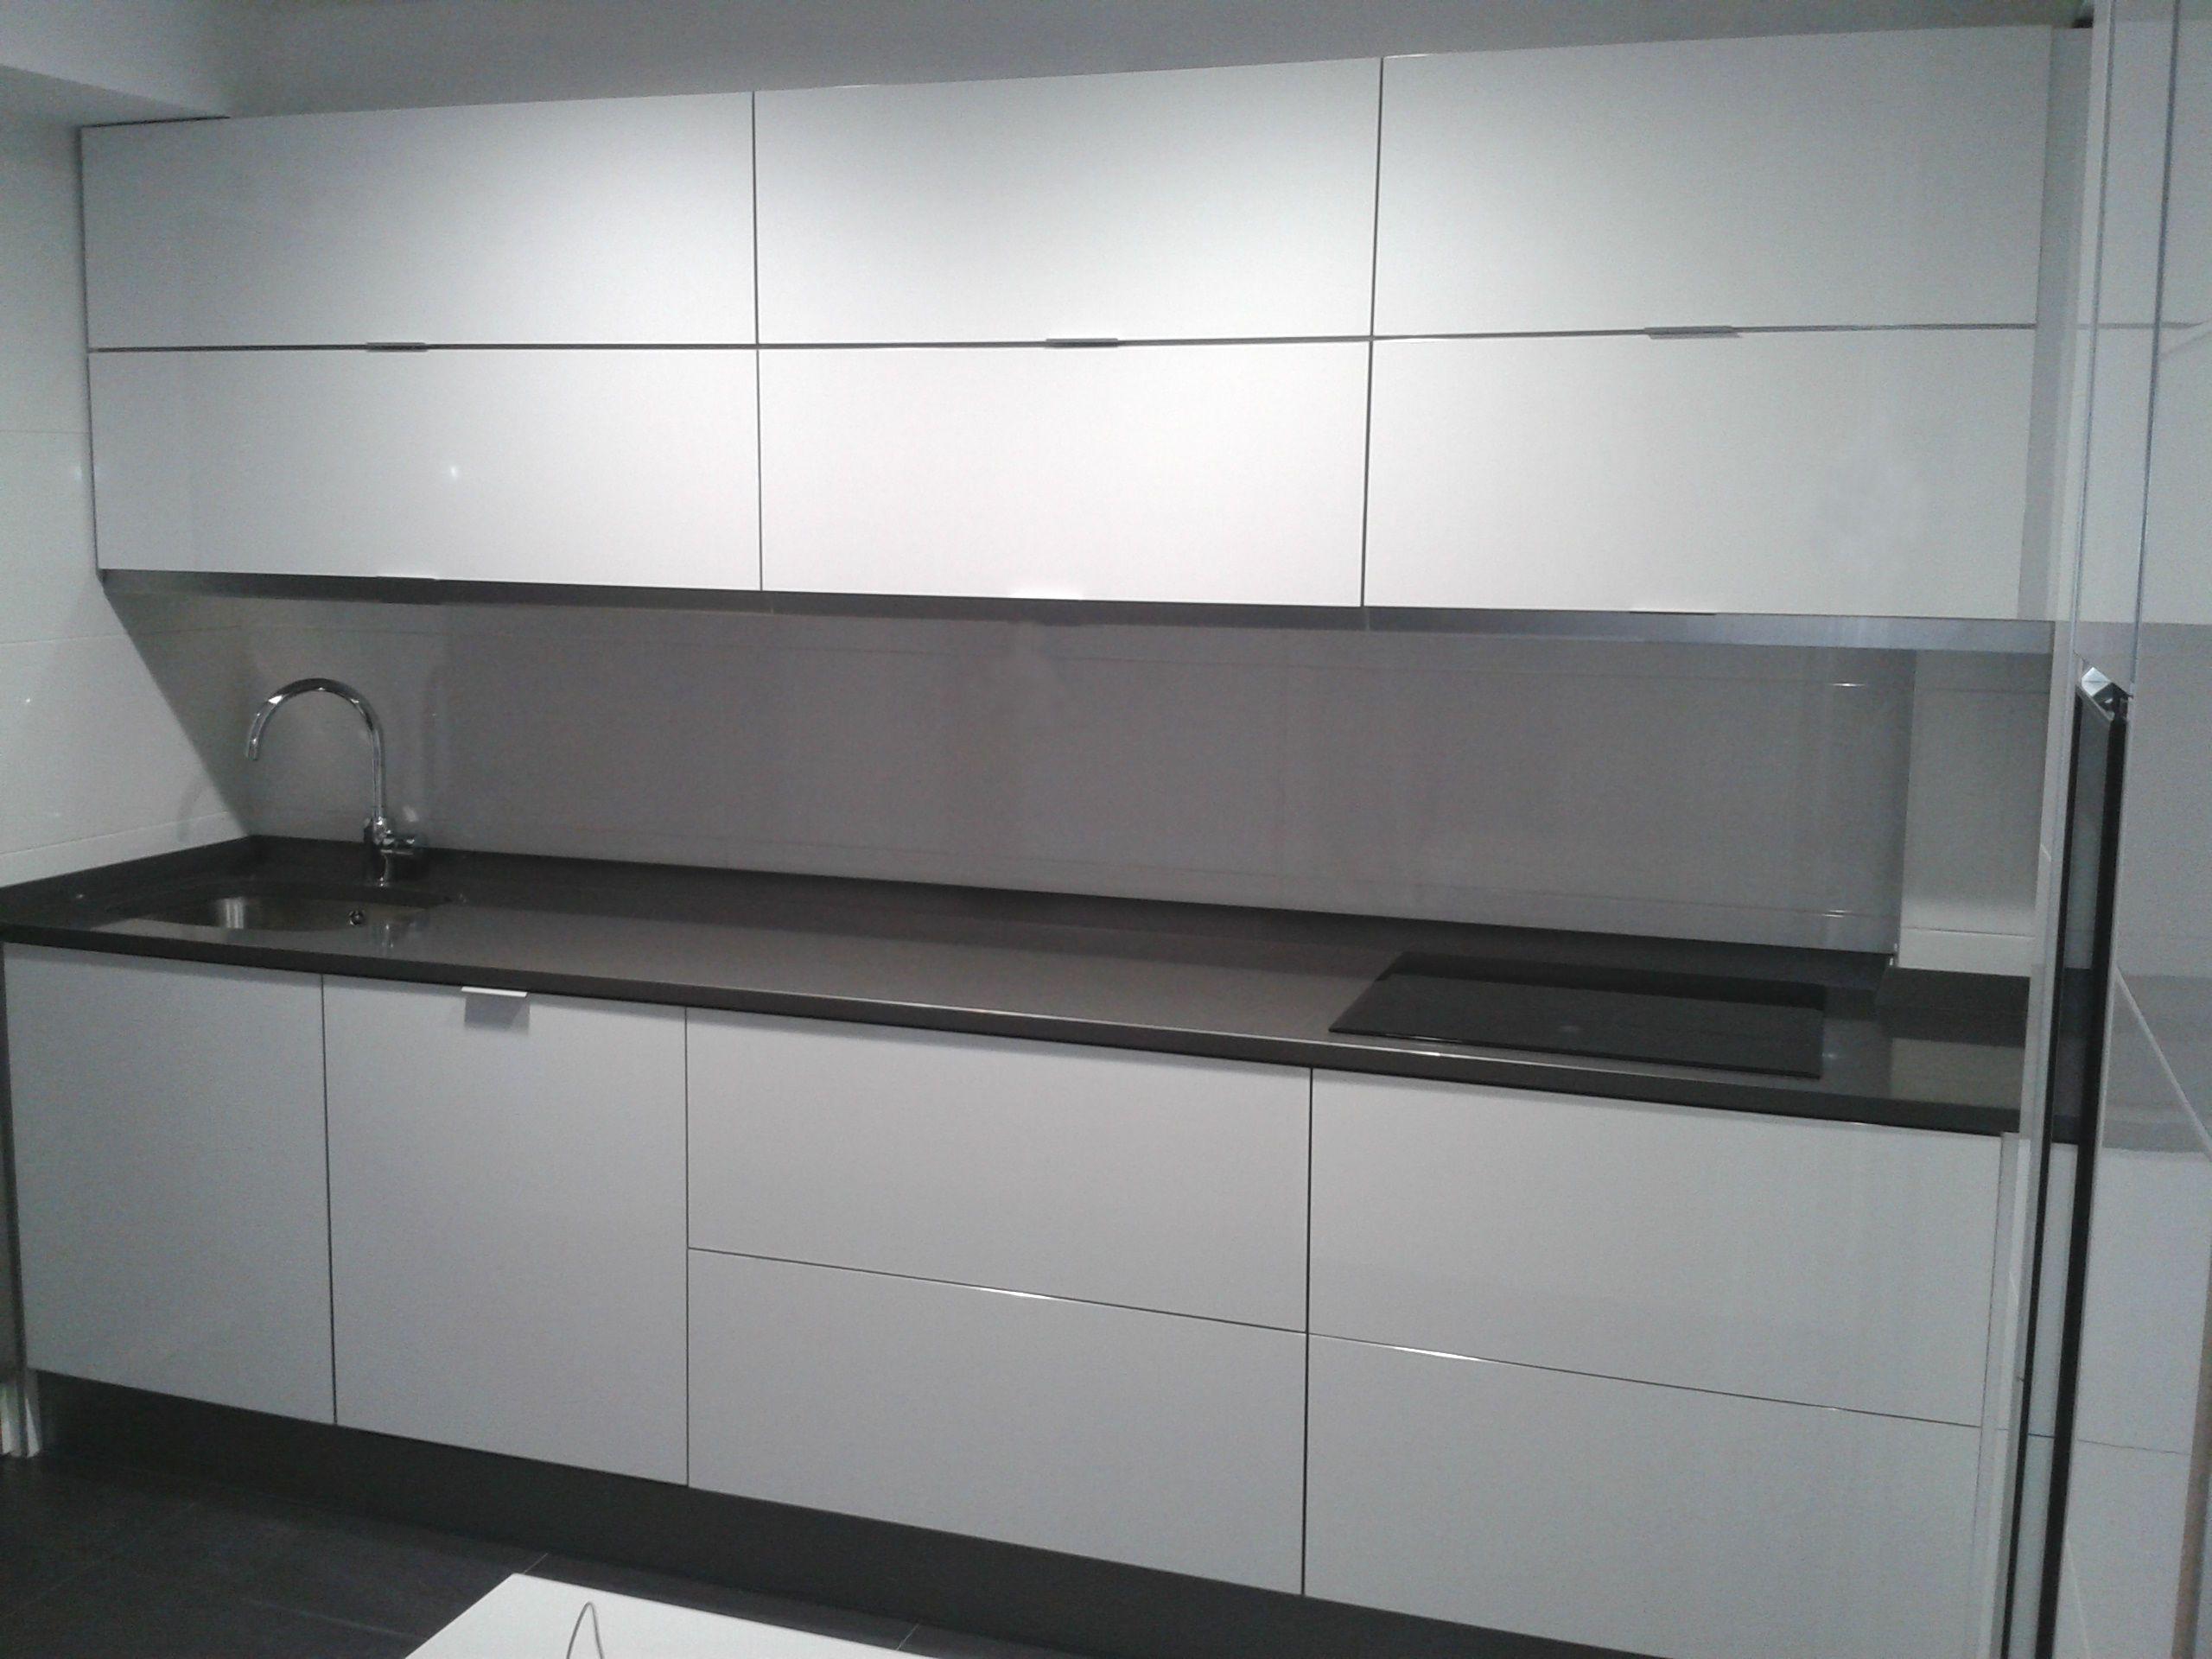 Cocina modelo ar blanco alto brillo perez vera - Modelos muebles de cocina ...